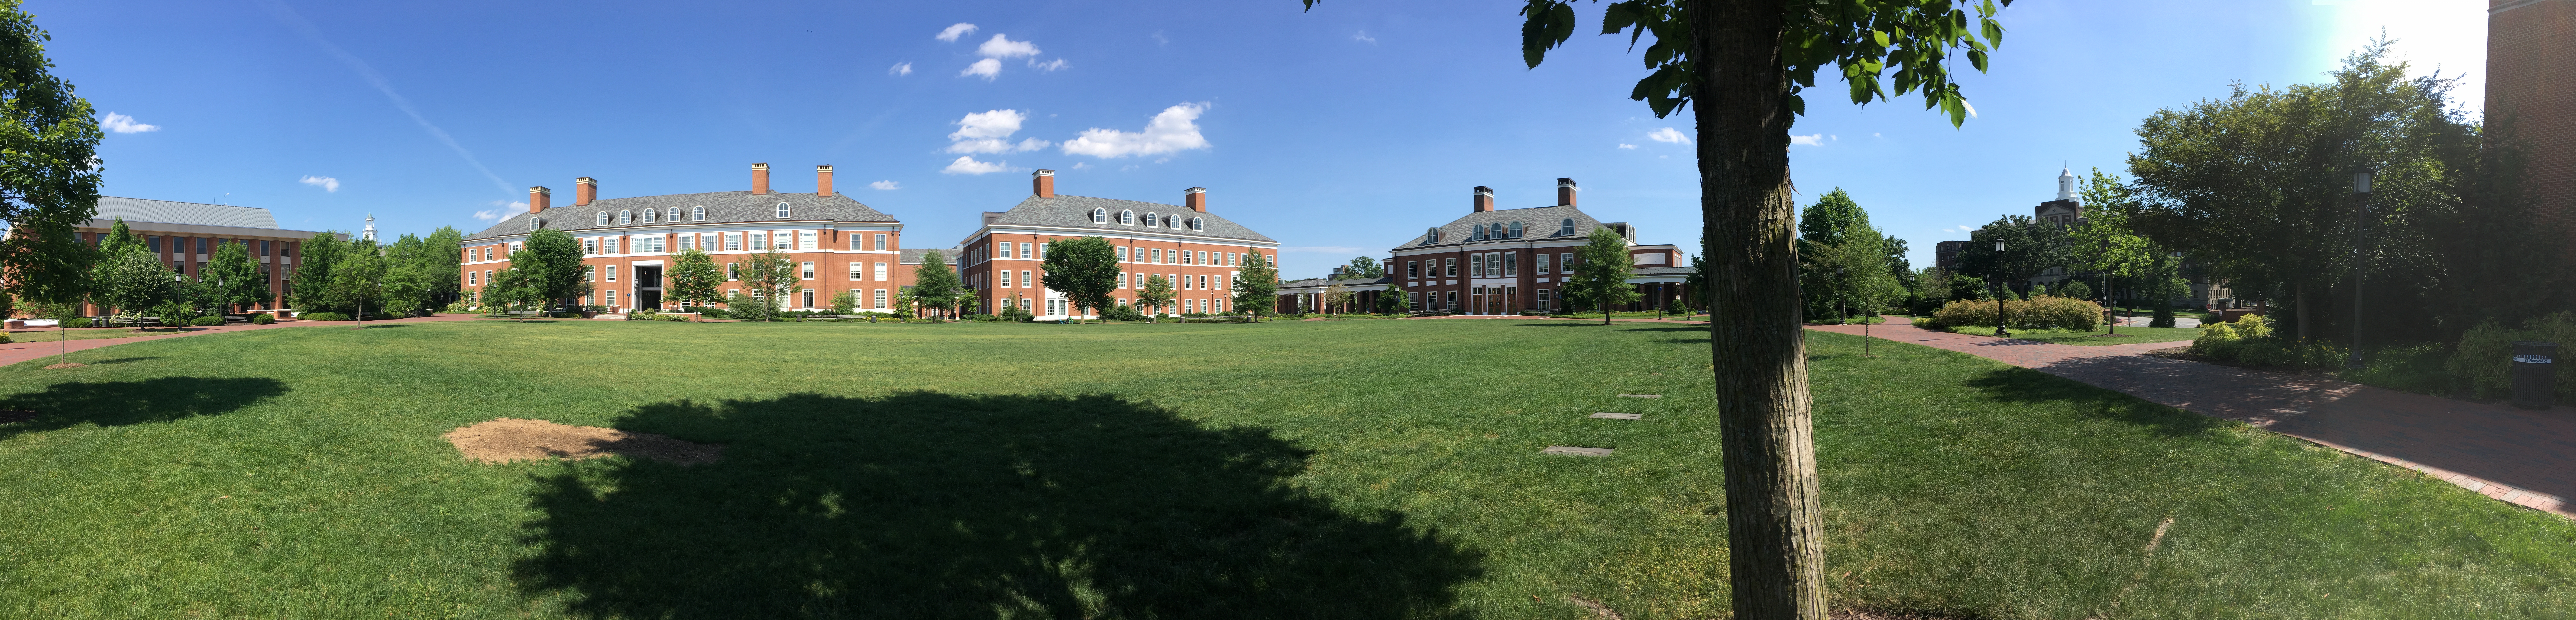 Johns Hopkins Campus 2017